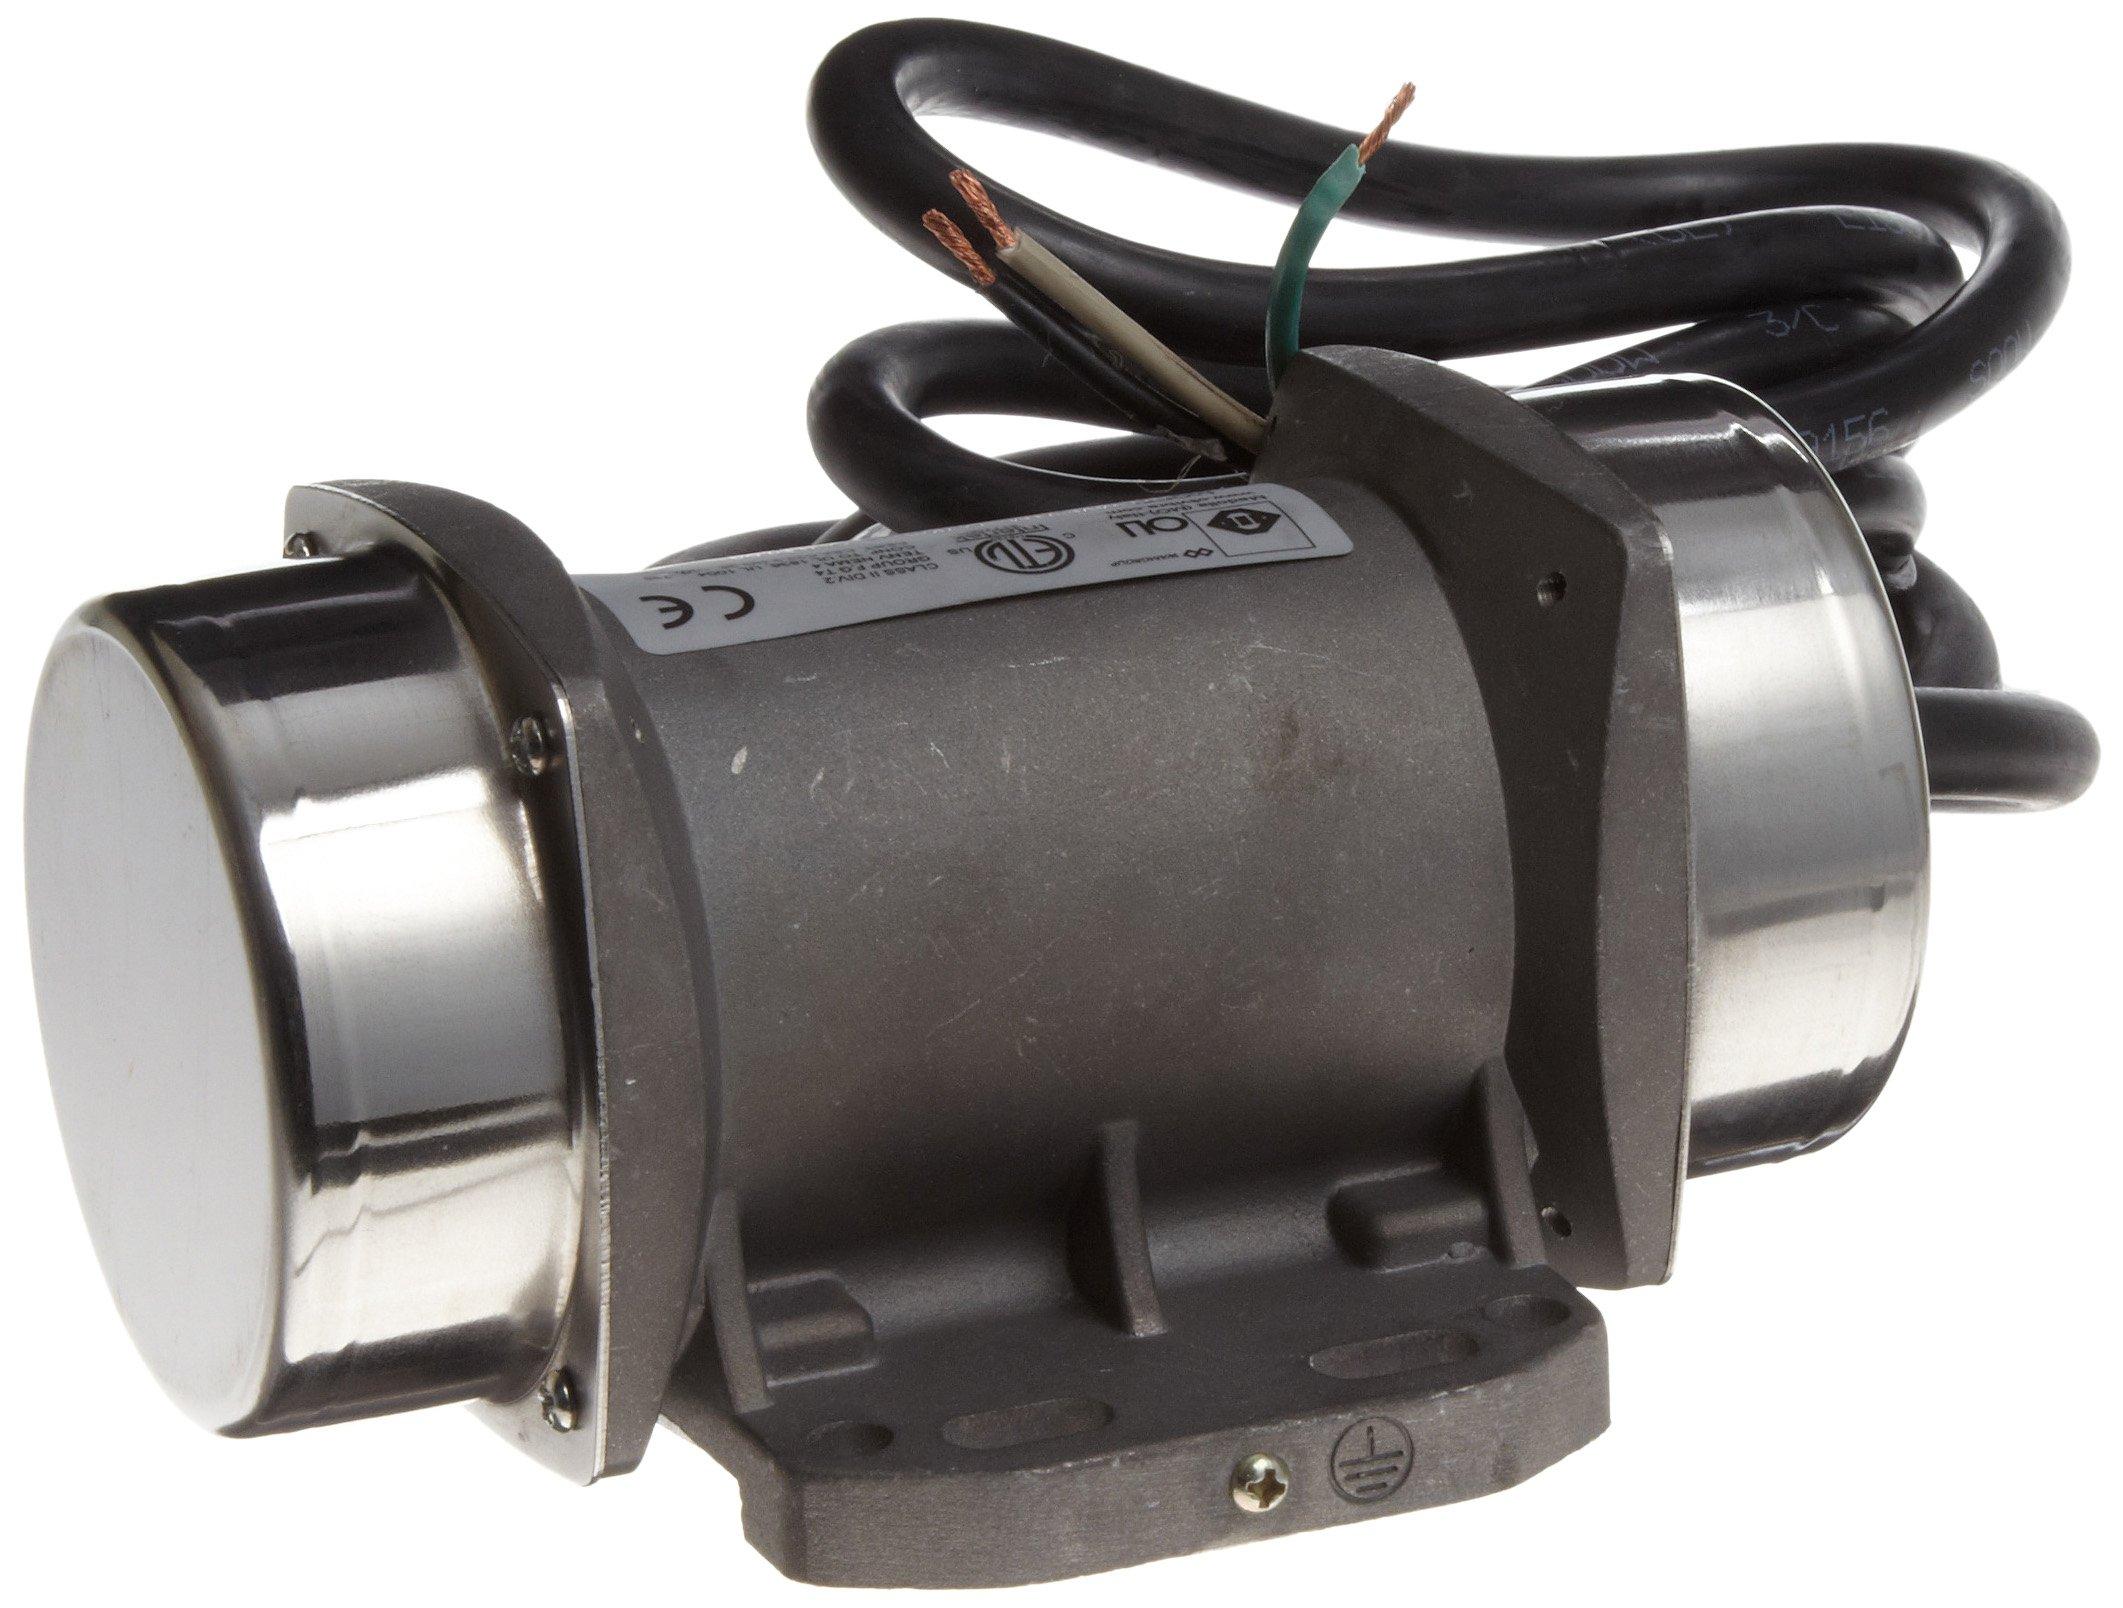 OLI Vibrator MVE.0006.36.115 Electric Vibrator Motor, Single Phase, 2 Poles, 3,600 RPM, 60 Hz, 115 Volt, 19.84 Lb Output Force